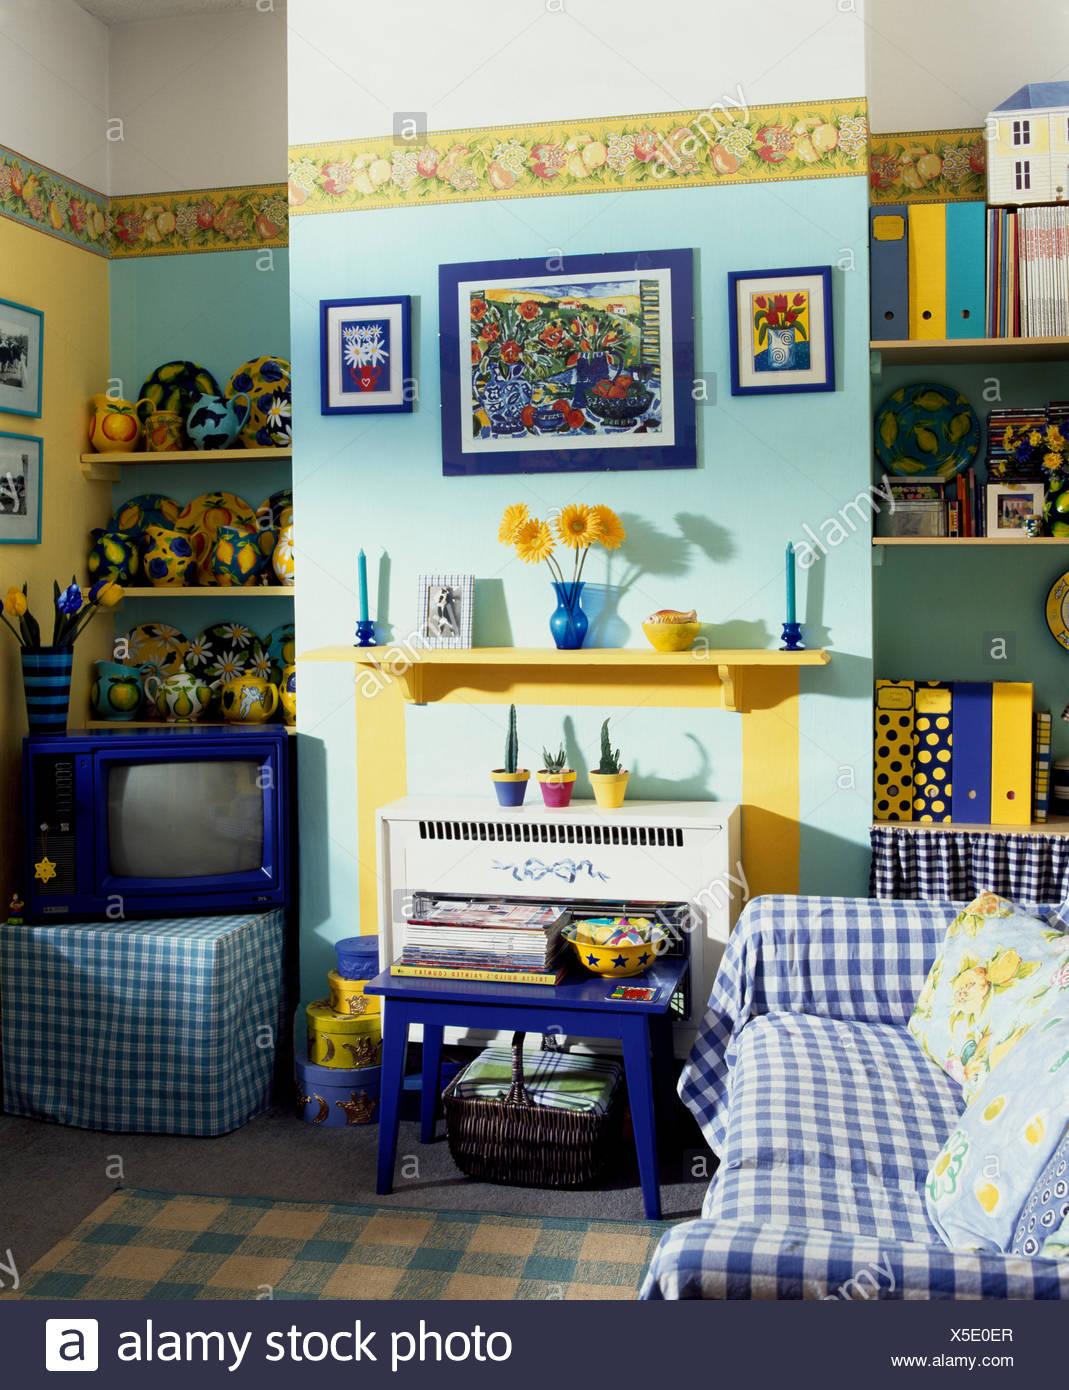 Vu Jeter Sur Canapé Bleu Turquoise Pâle Dans Années 90 Salon Avec De La  Peinture Jaune Et Du0027une Télévision Vintage